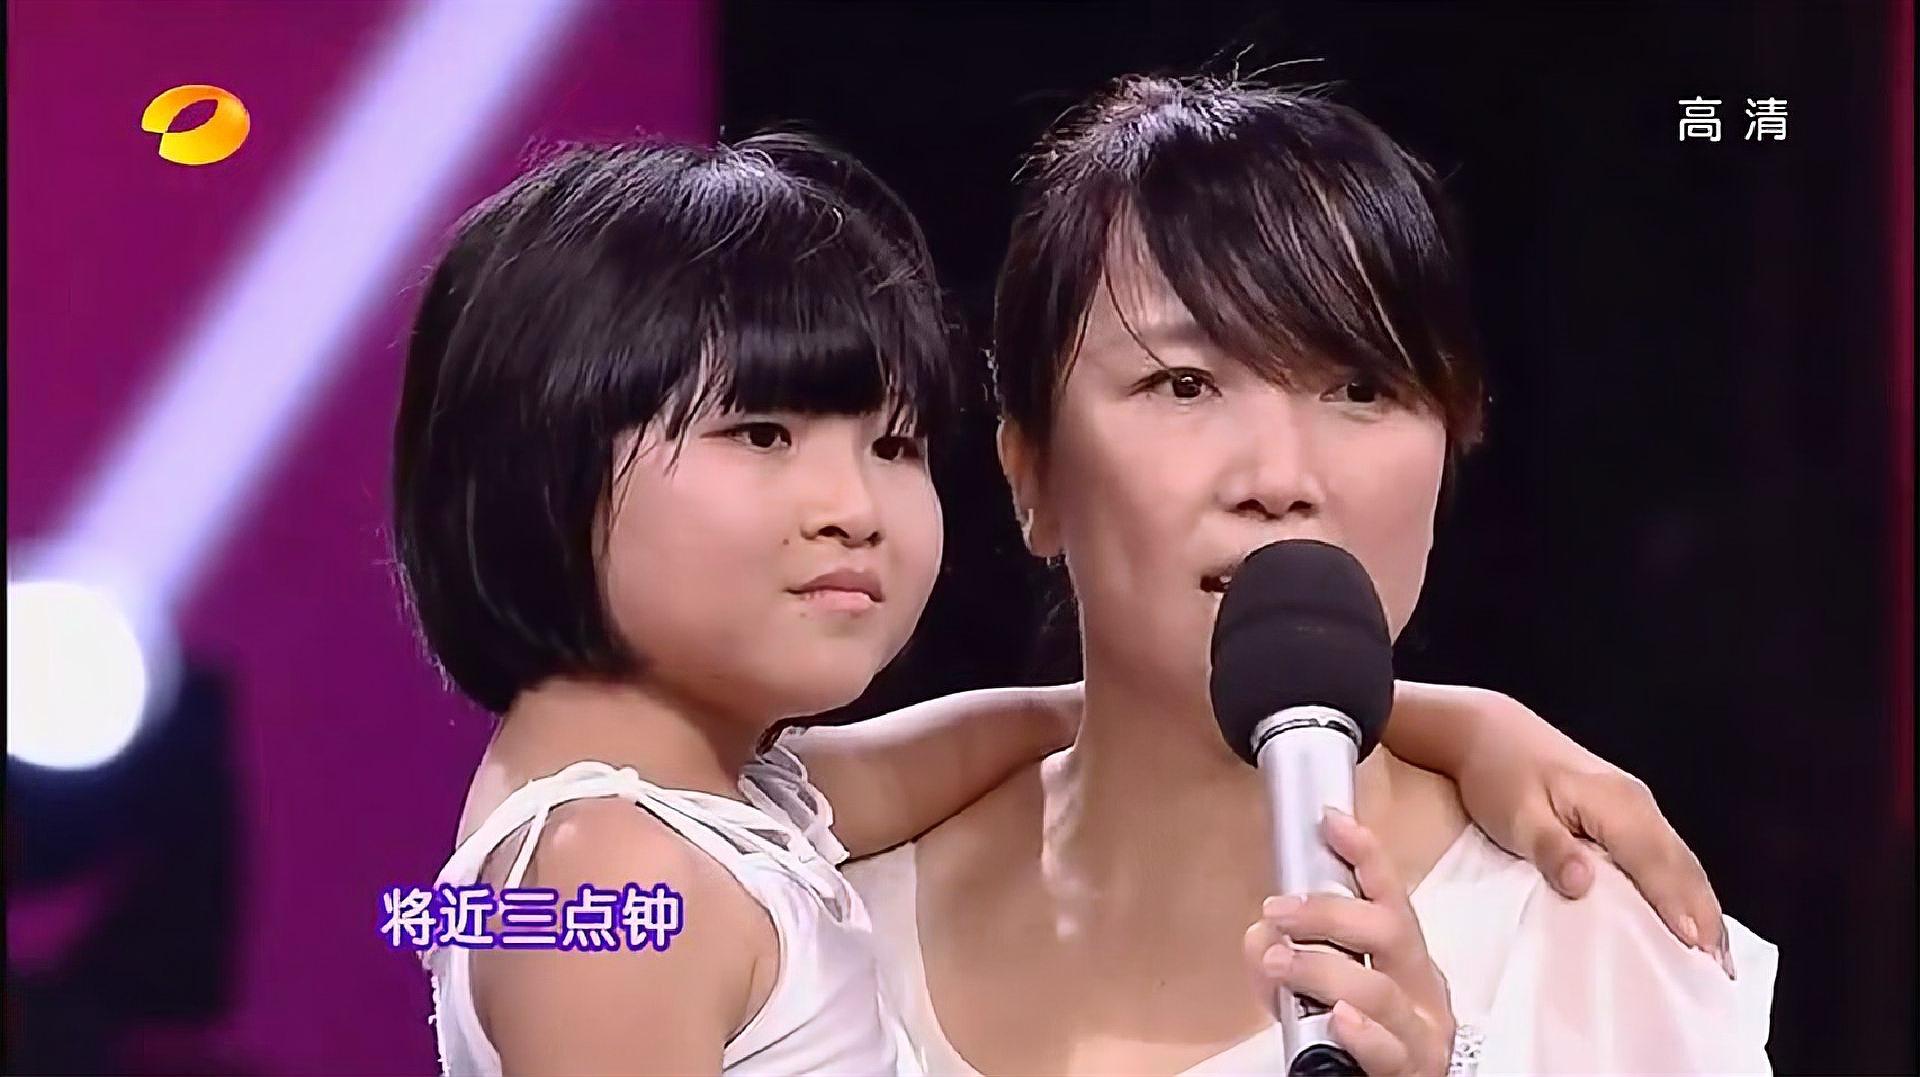 奇舞飞扬:无腿女孩坚强舞蹈,观众起立鼓掌,评委眼泪直流